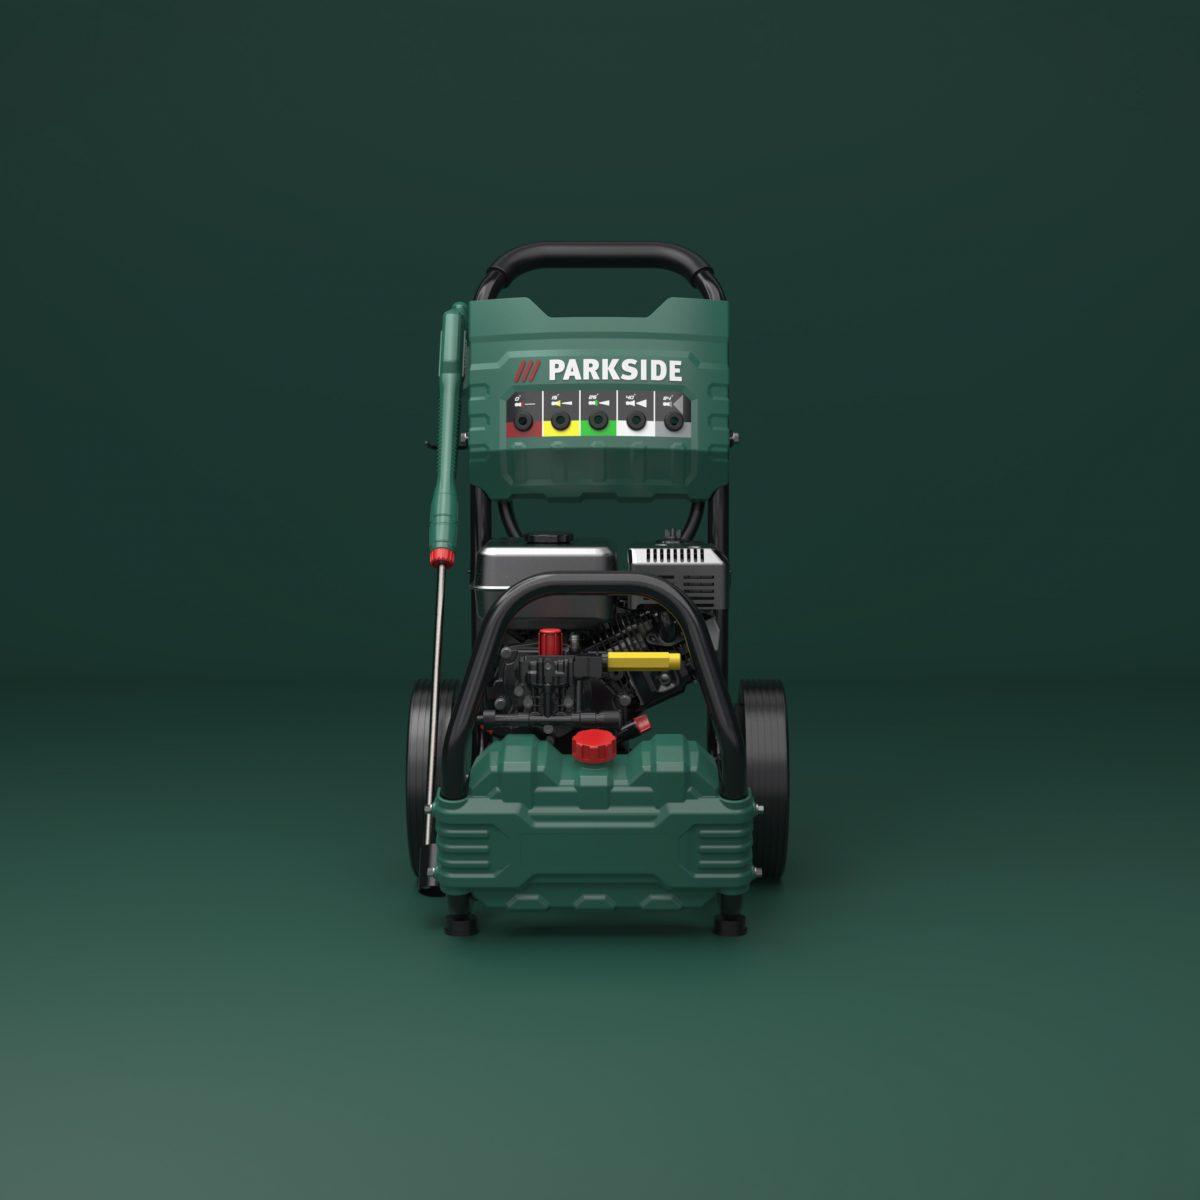 parkside_petrol_pressure_washer_industrialdesign_front